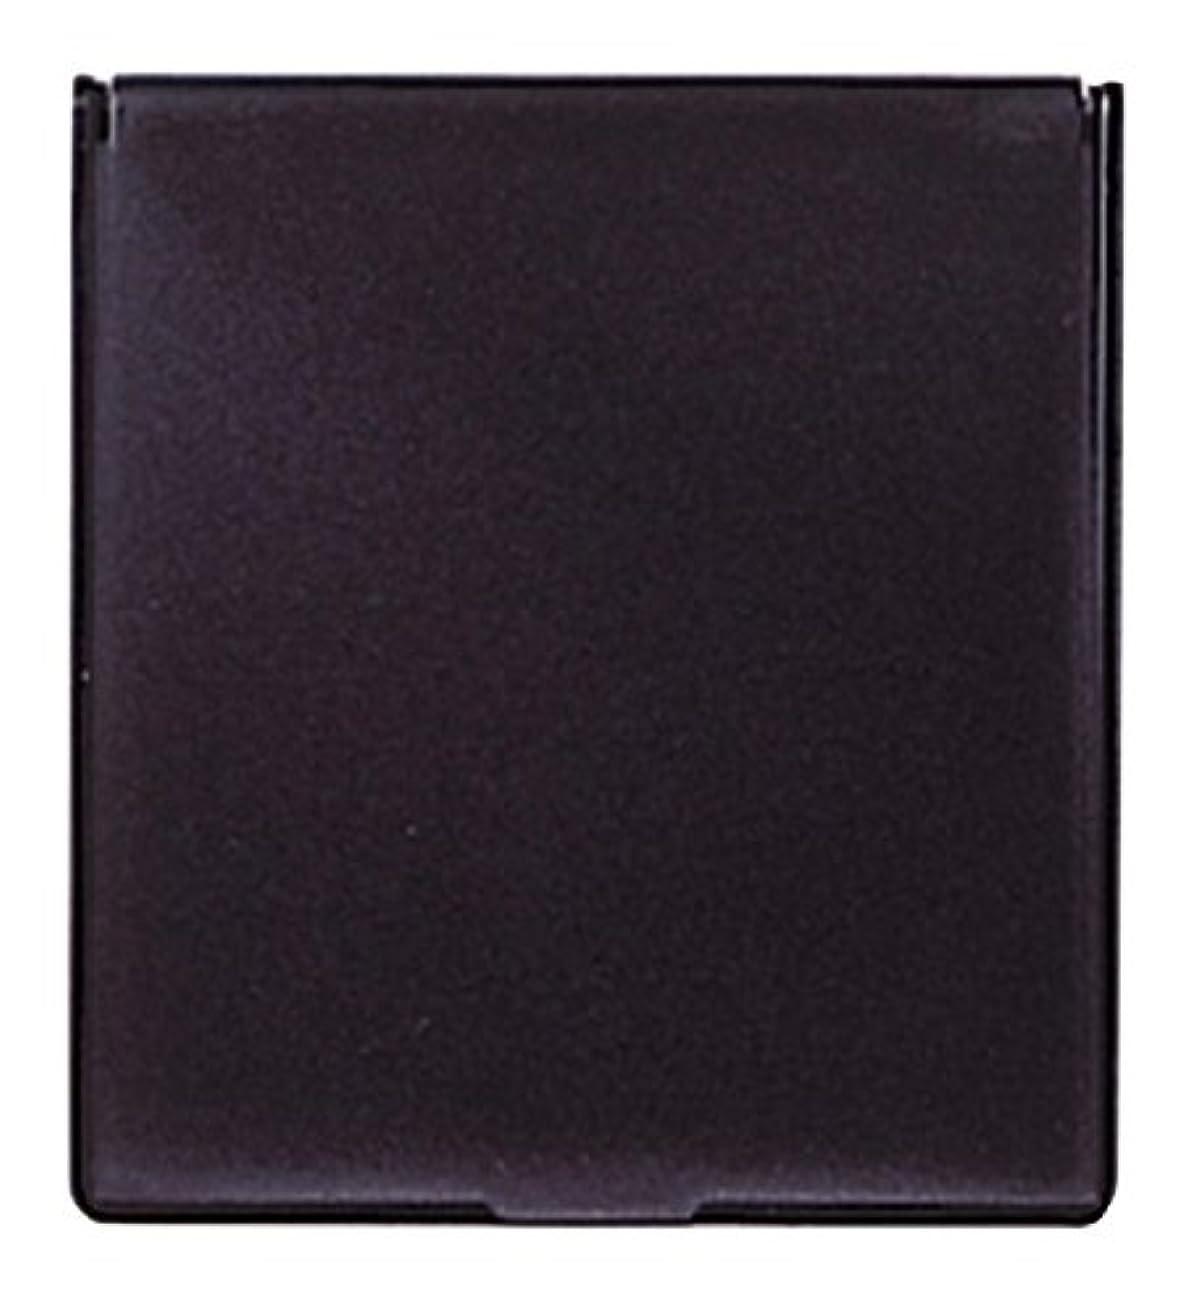 使役マイクロ宣言ビブレ 角型 コンパクトミラー M ブラック Y-5071